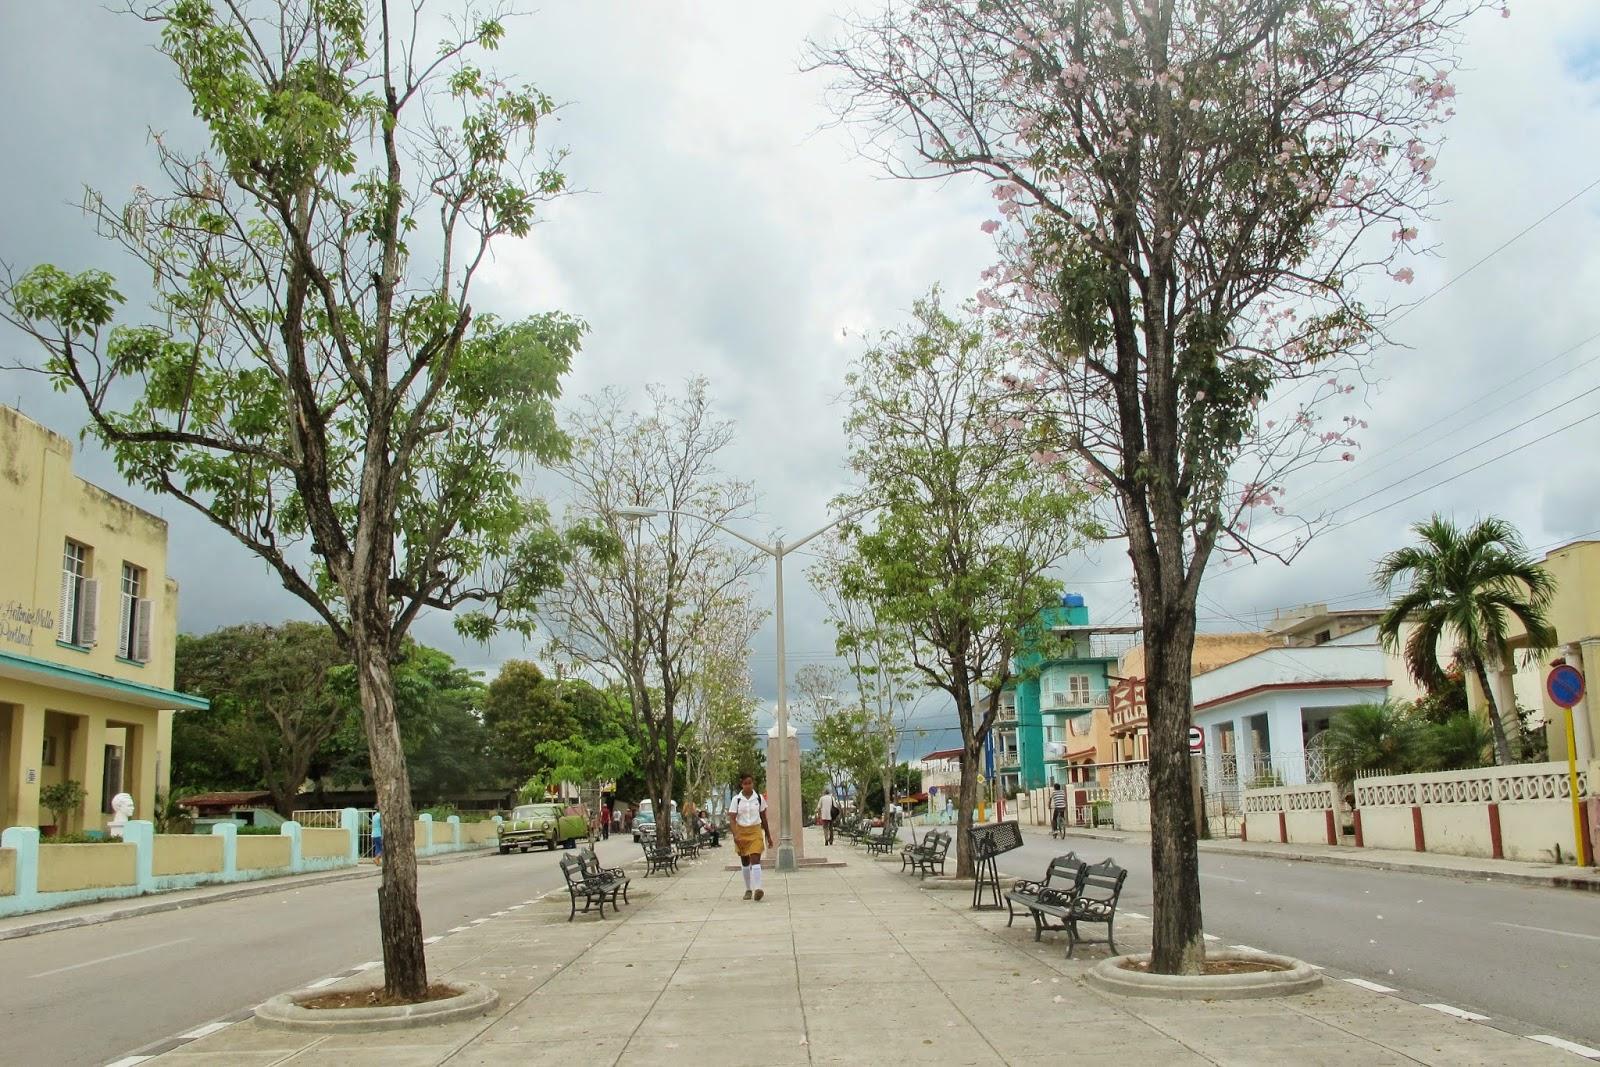 Pelas ruas de Sanctu Spiritus, na região central de Cuba